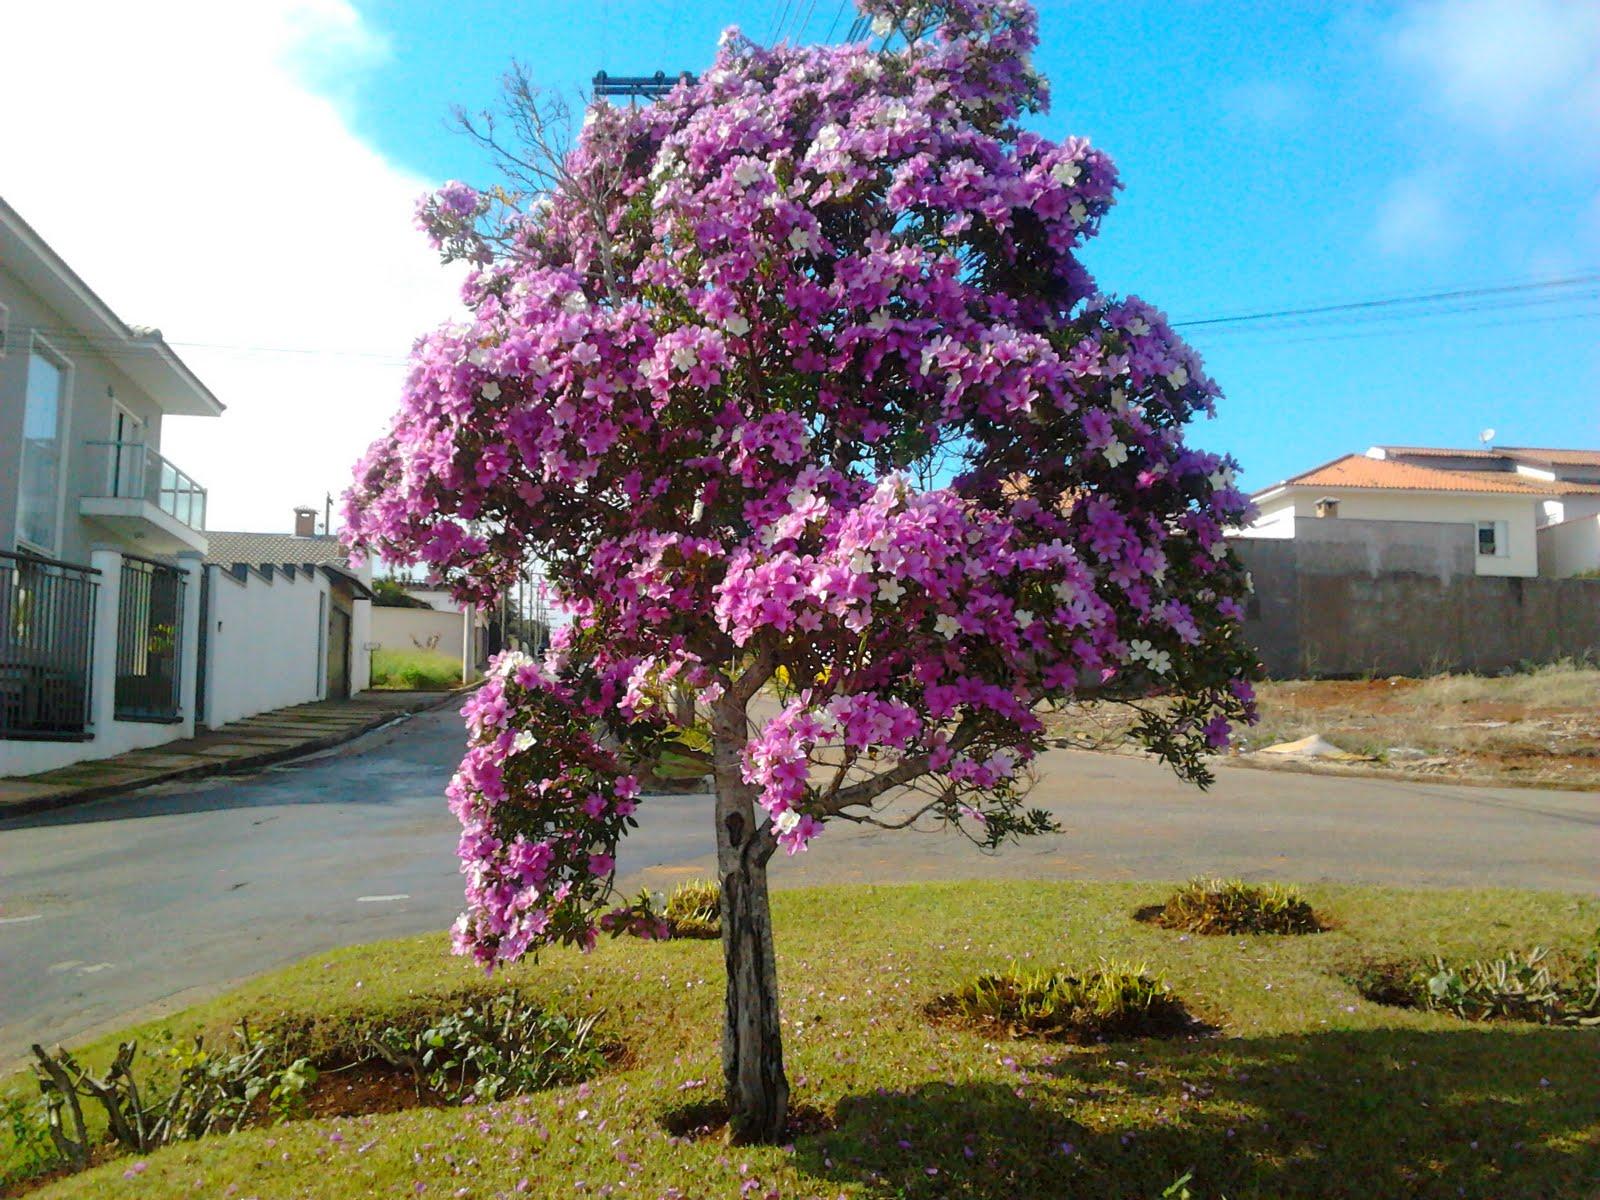 manaca de jardim em vaso : manaca de jardim em vaso:República Blog de Itapeva: Manacá em flor, no Jardim Ferrari 3